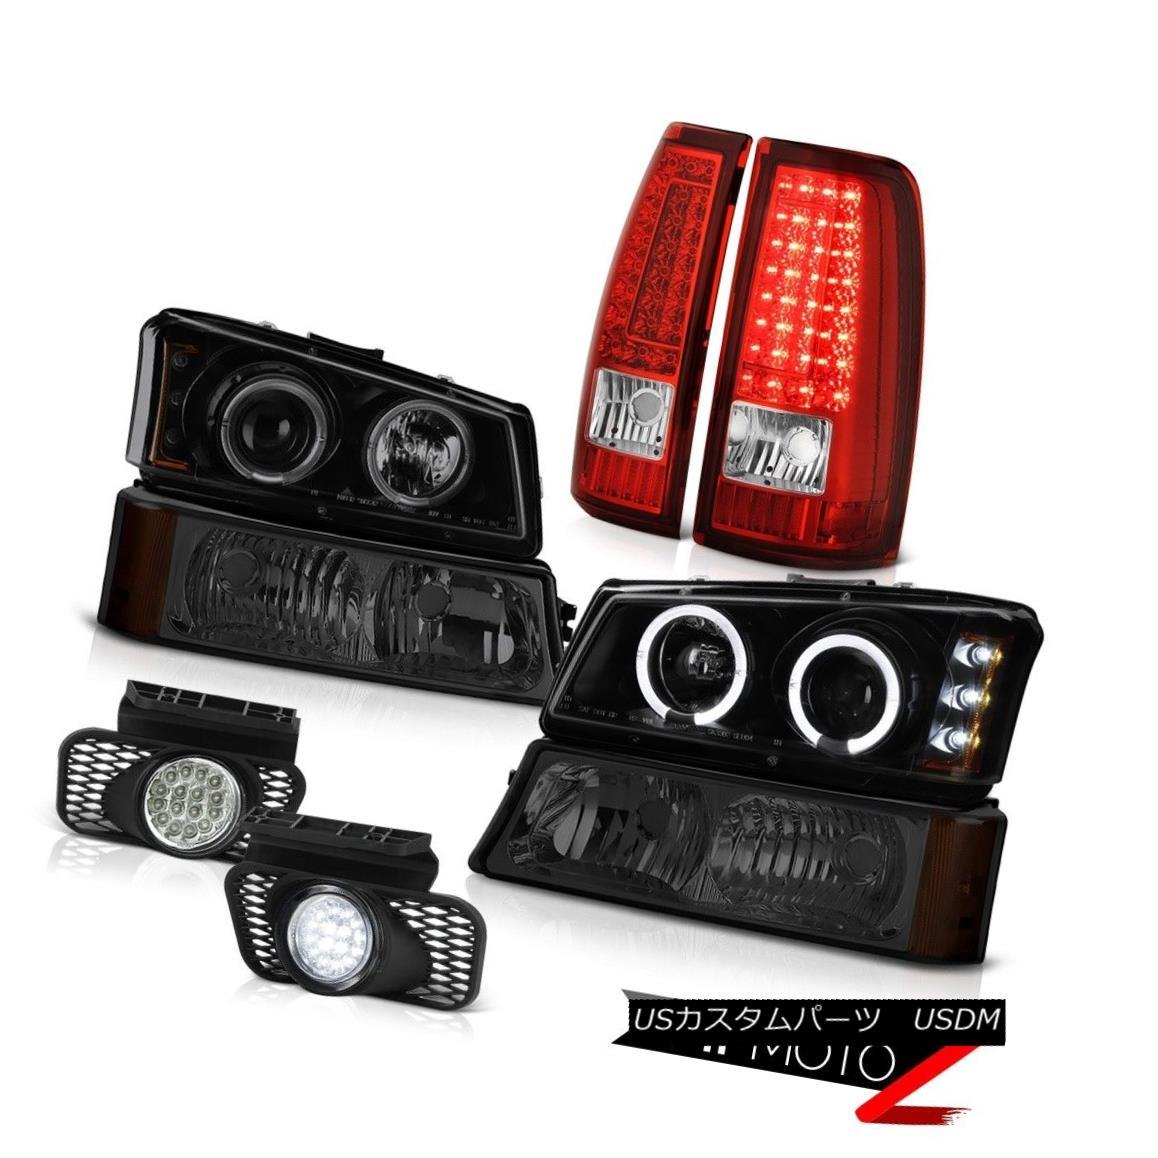 テールライト 2003-2006 Chevy Silverado 2500Hd Foglights Taillamps Signal Lamp Headlamps SMD 2003-2006シボレーシルバラード2500Hdフォグライトタイルランプ信号ランプヘッドランプSMD